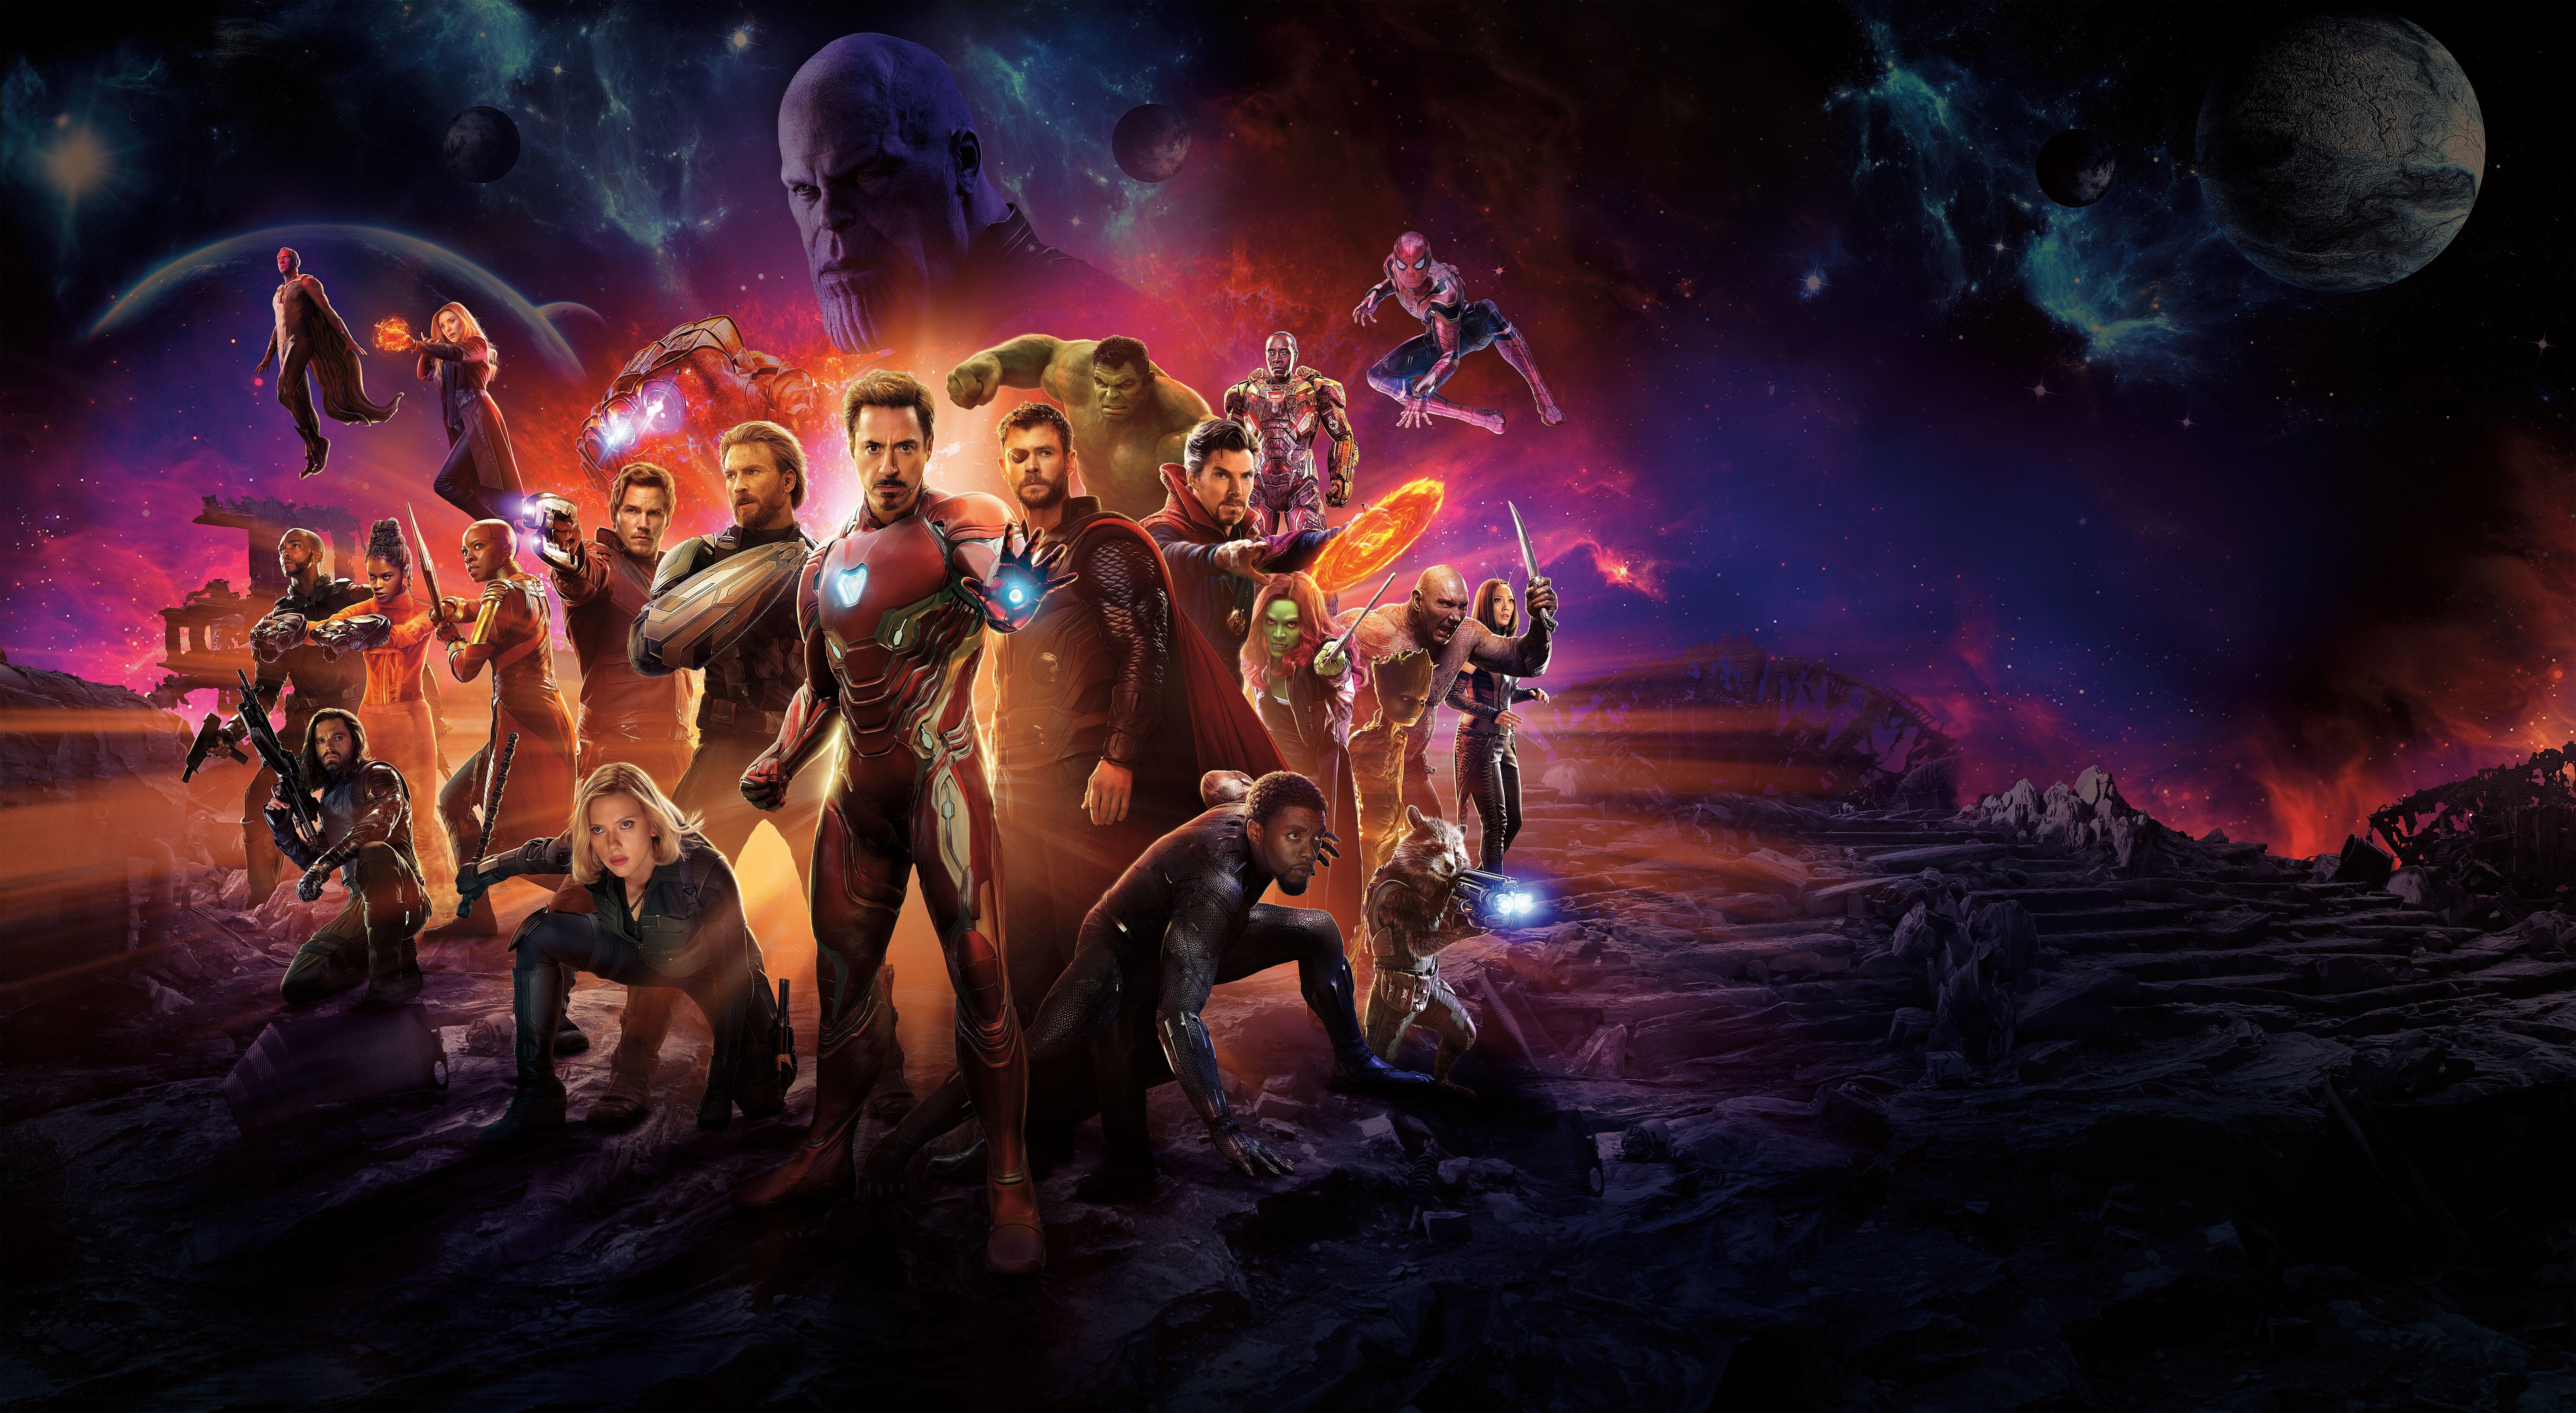 avengersinfinitywar avengers infinitywar endgame